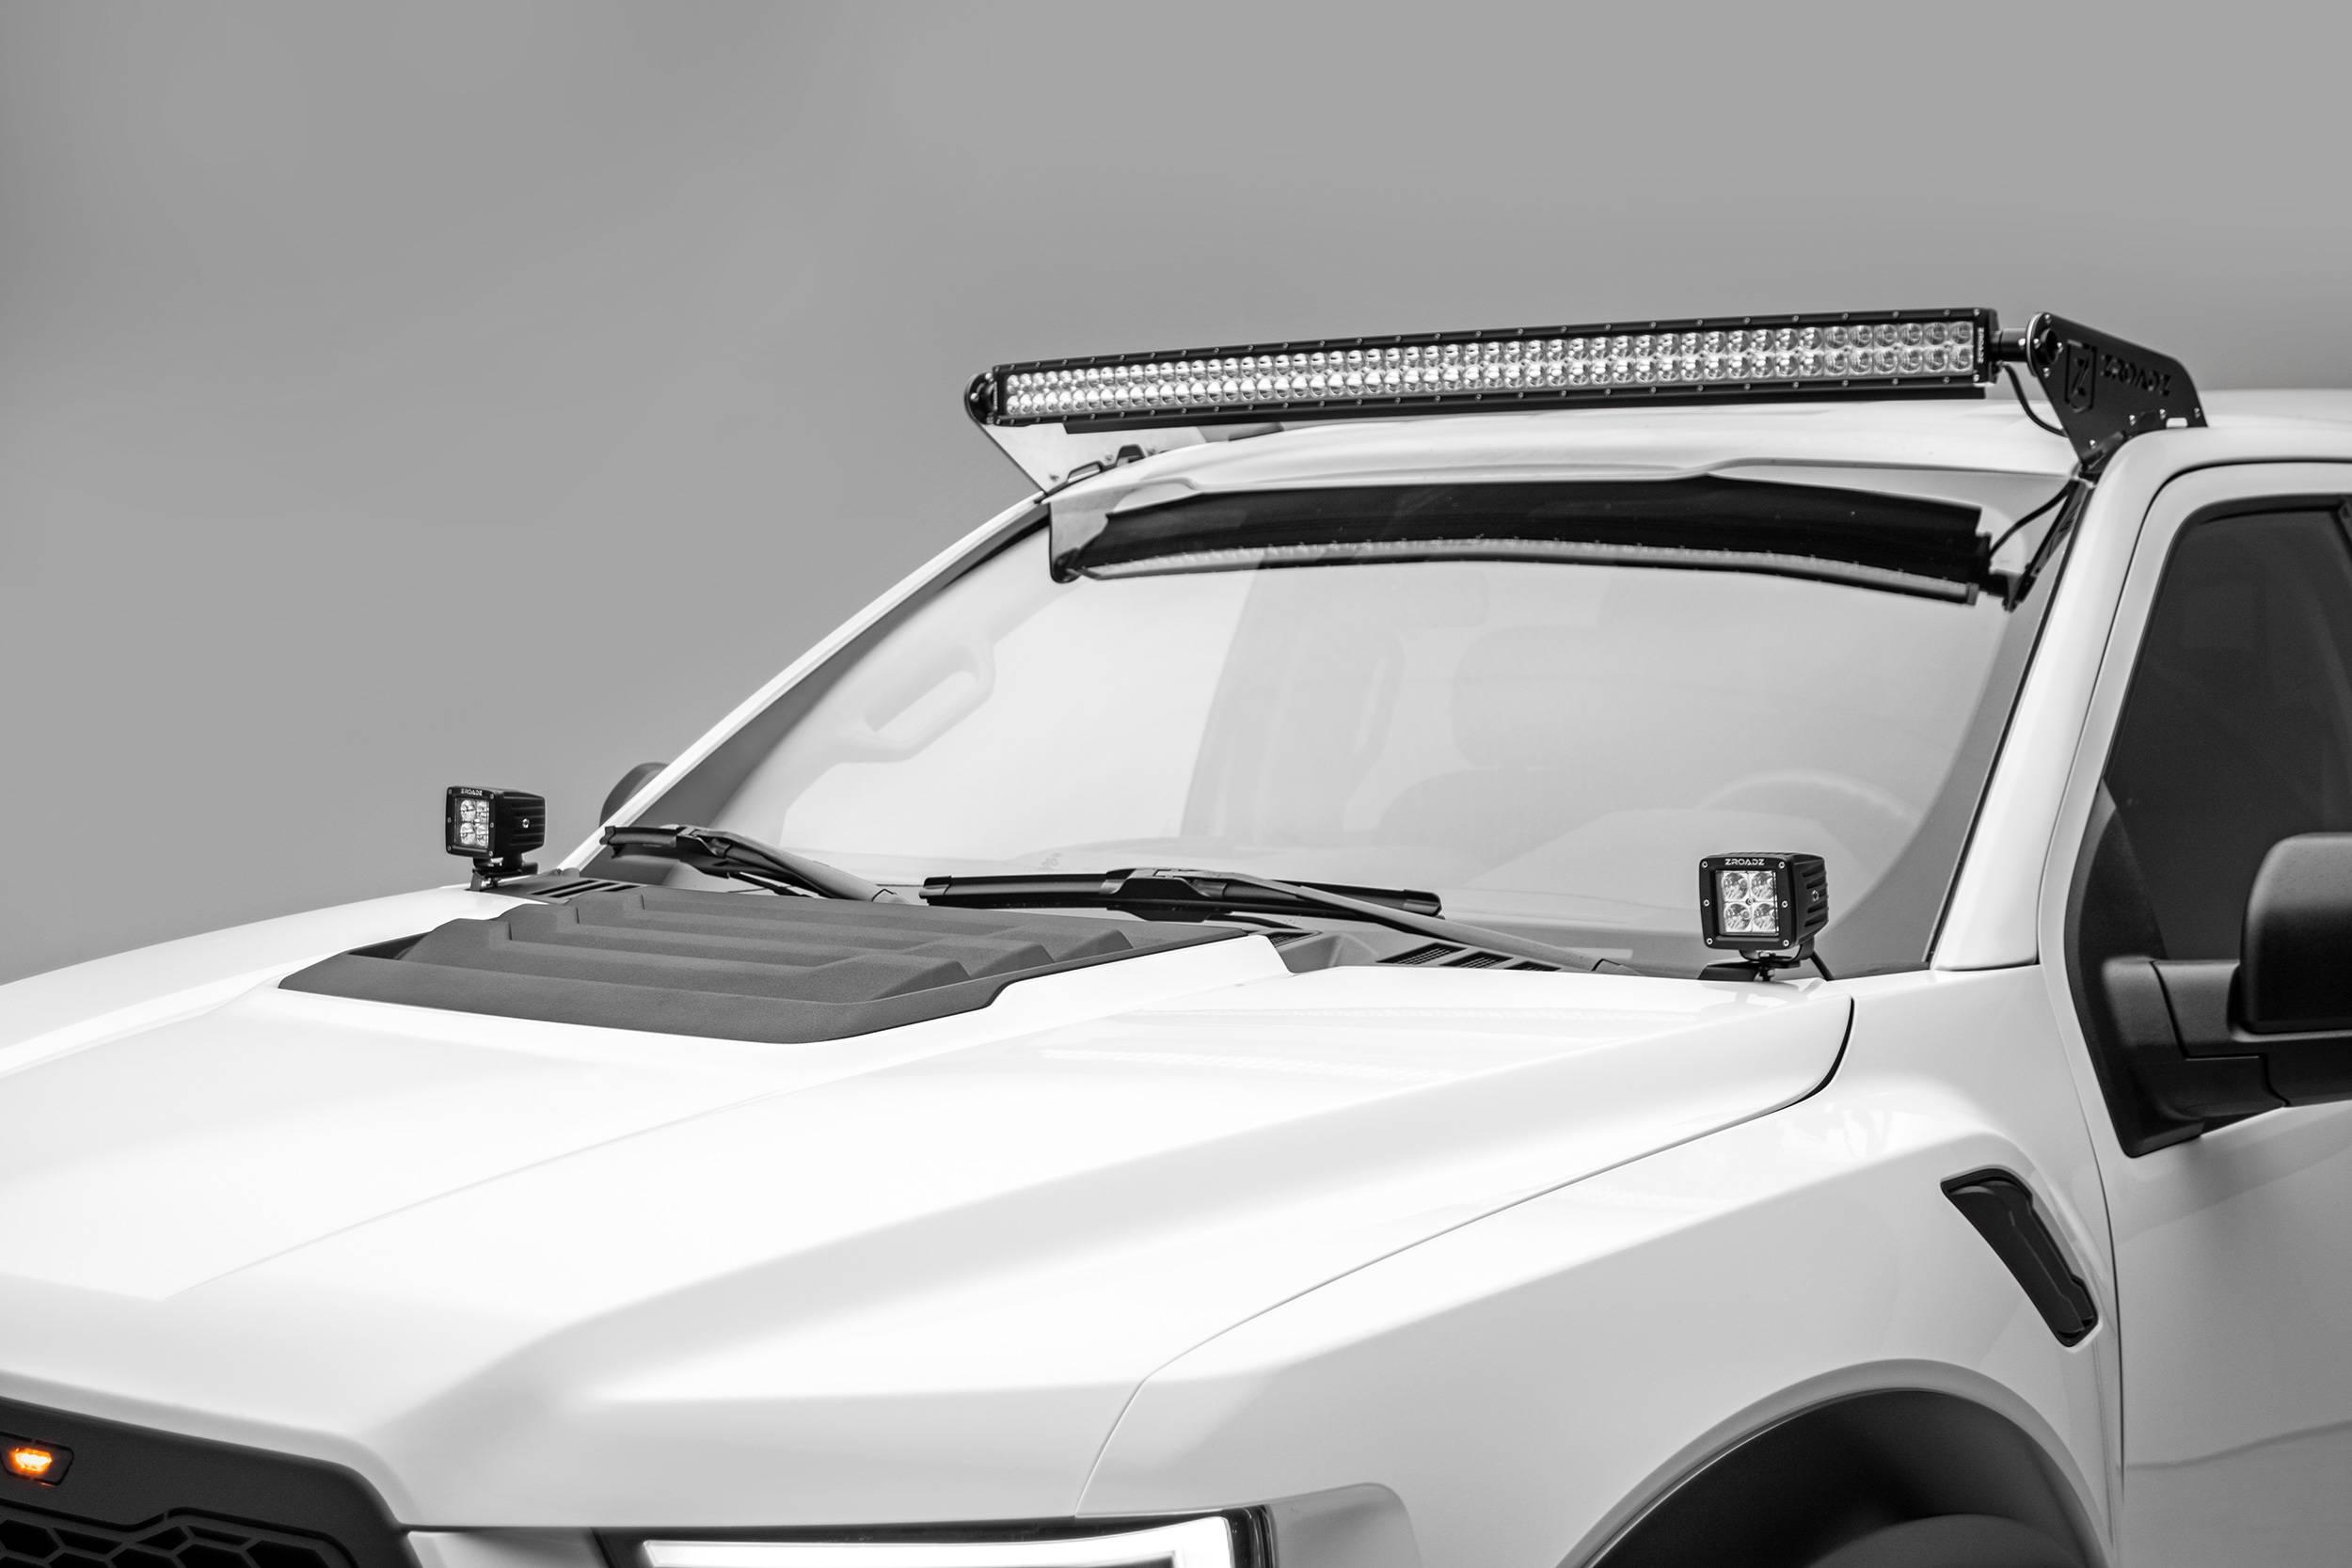 ZROADZ                                             - Ford F-150, Raptor Front Roof LED Bracket to mount 52 Inch Curved LED Light Bar - PN #Z335662